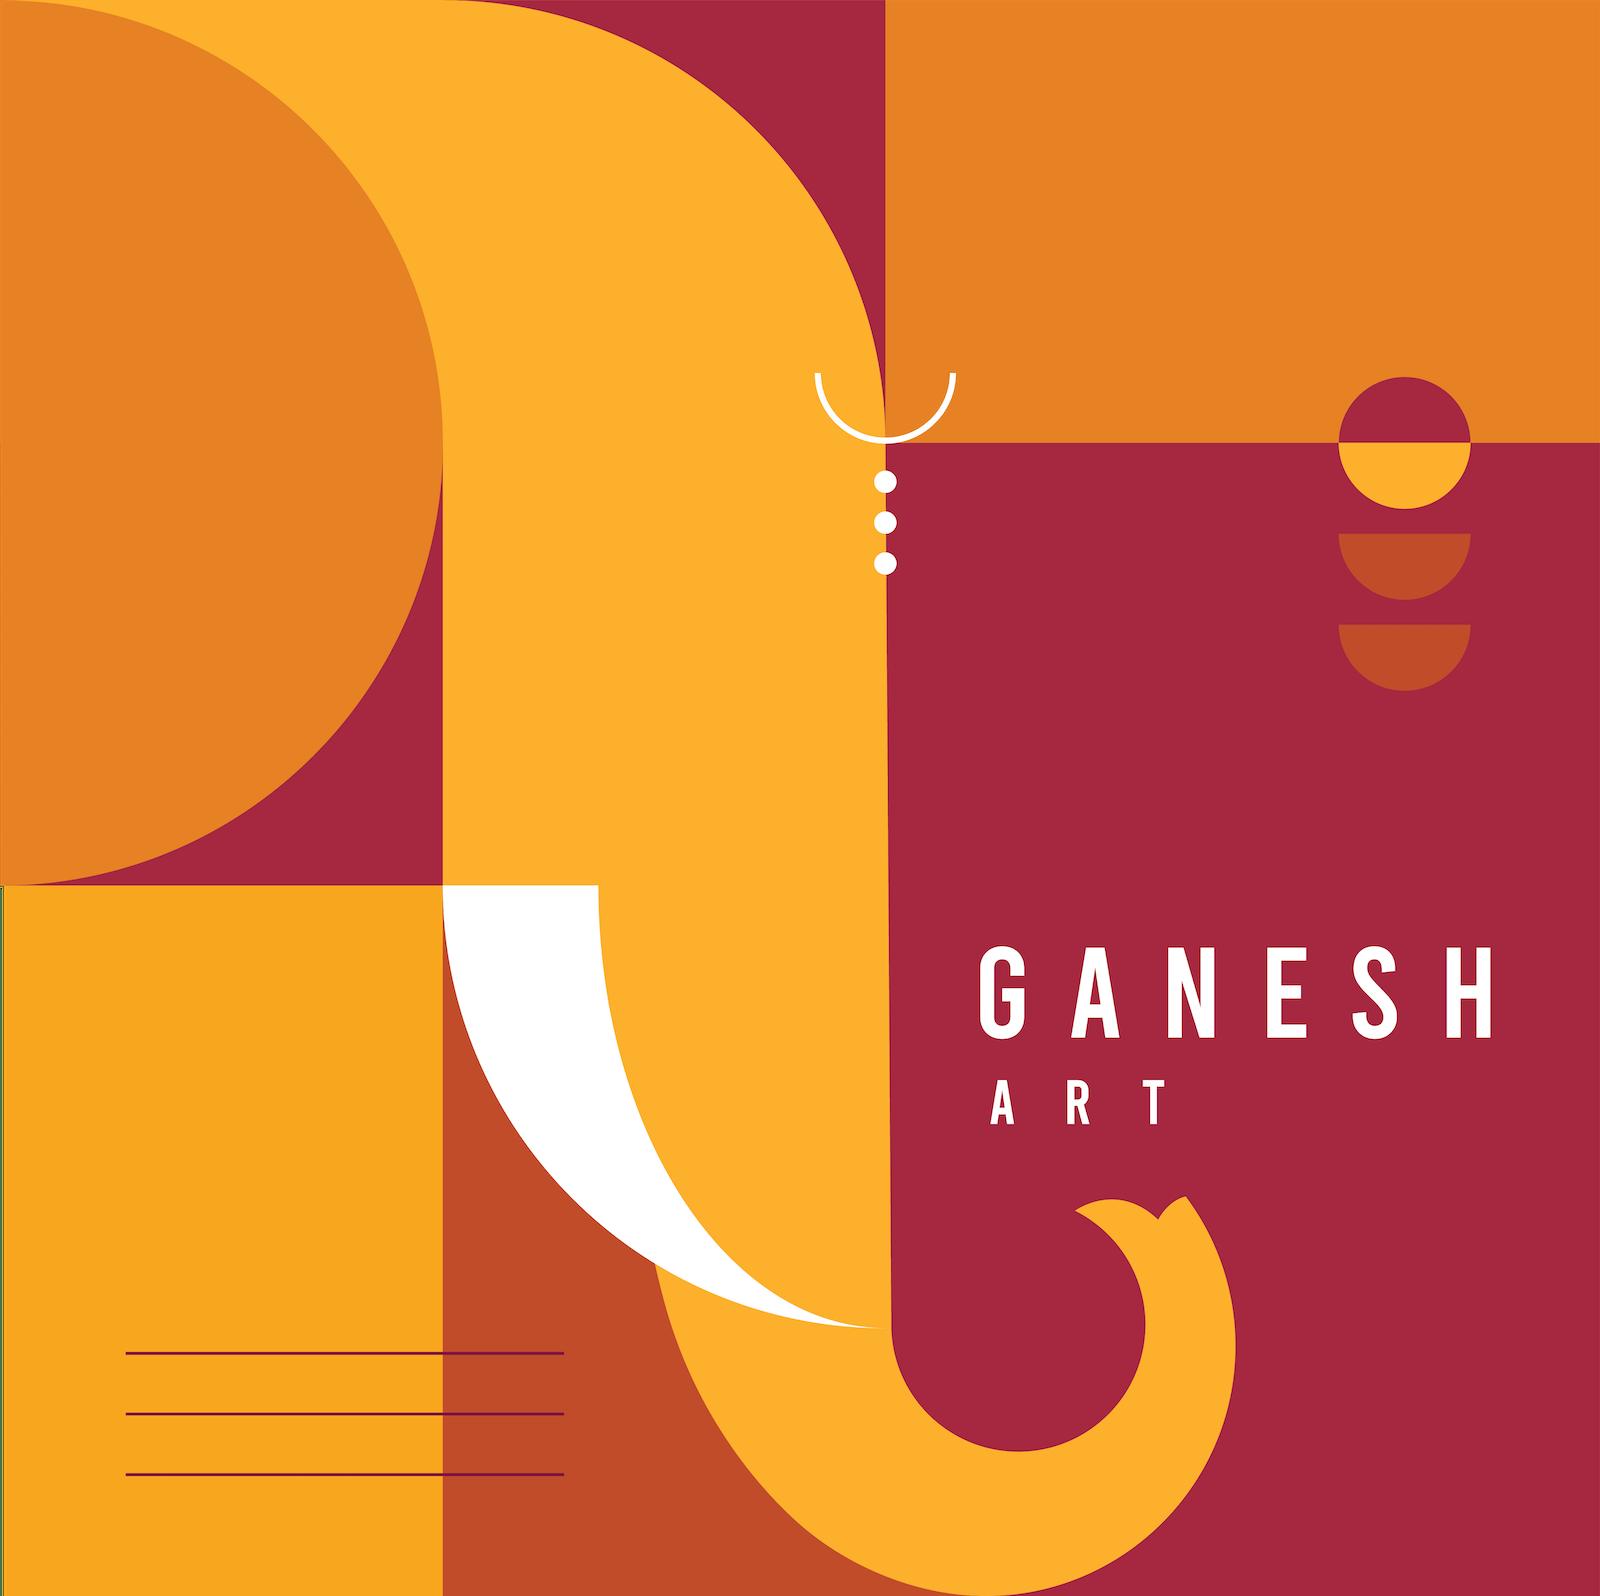 Ganesh Art Class